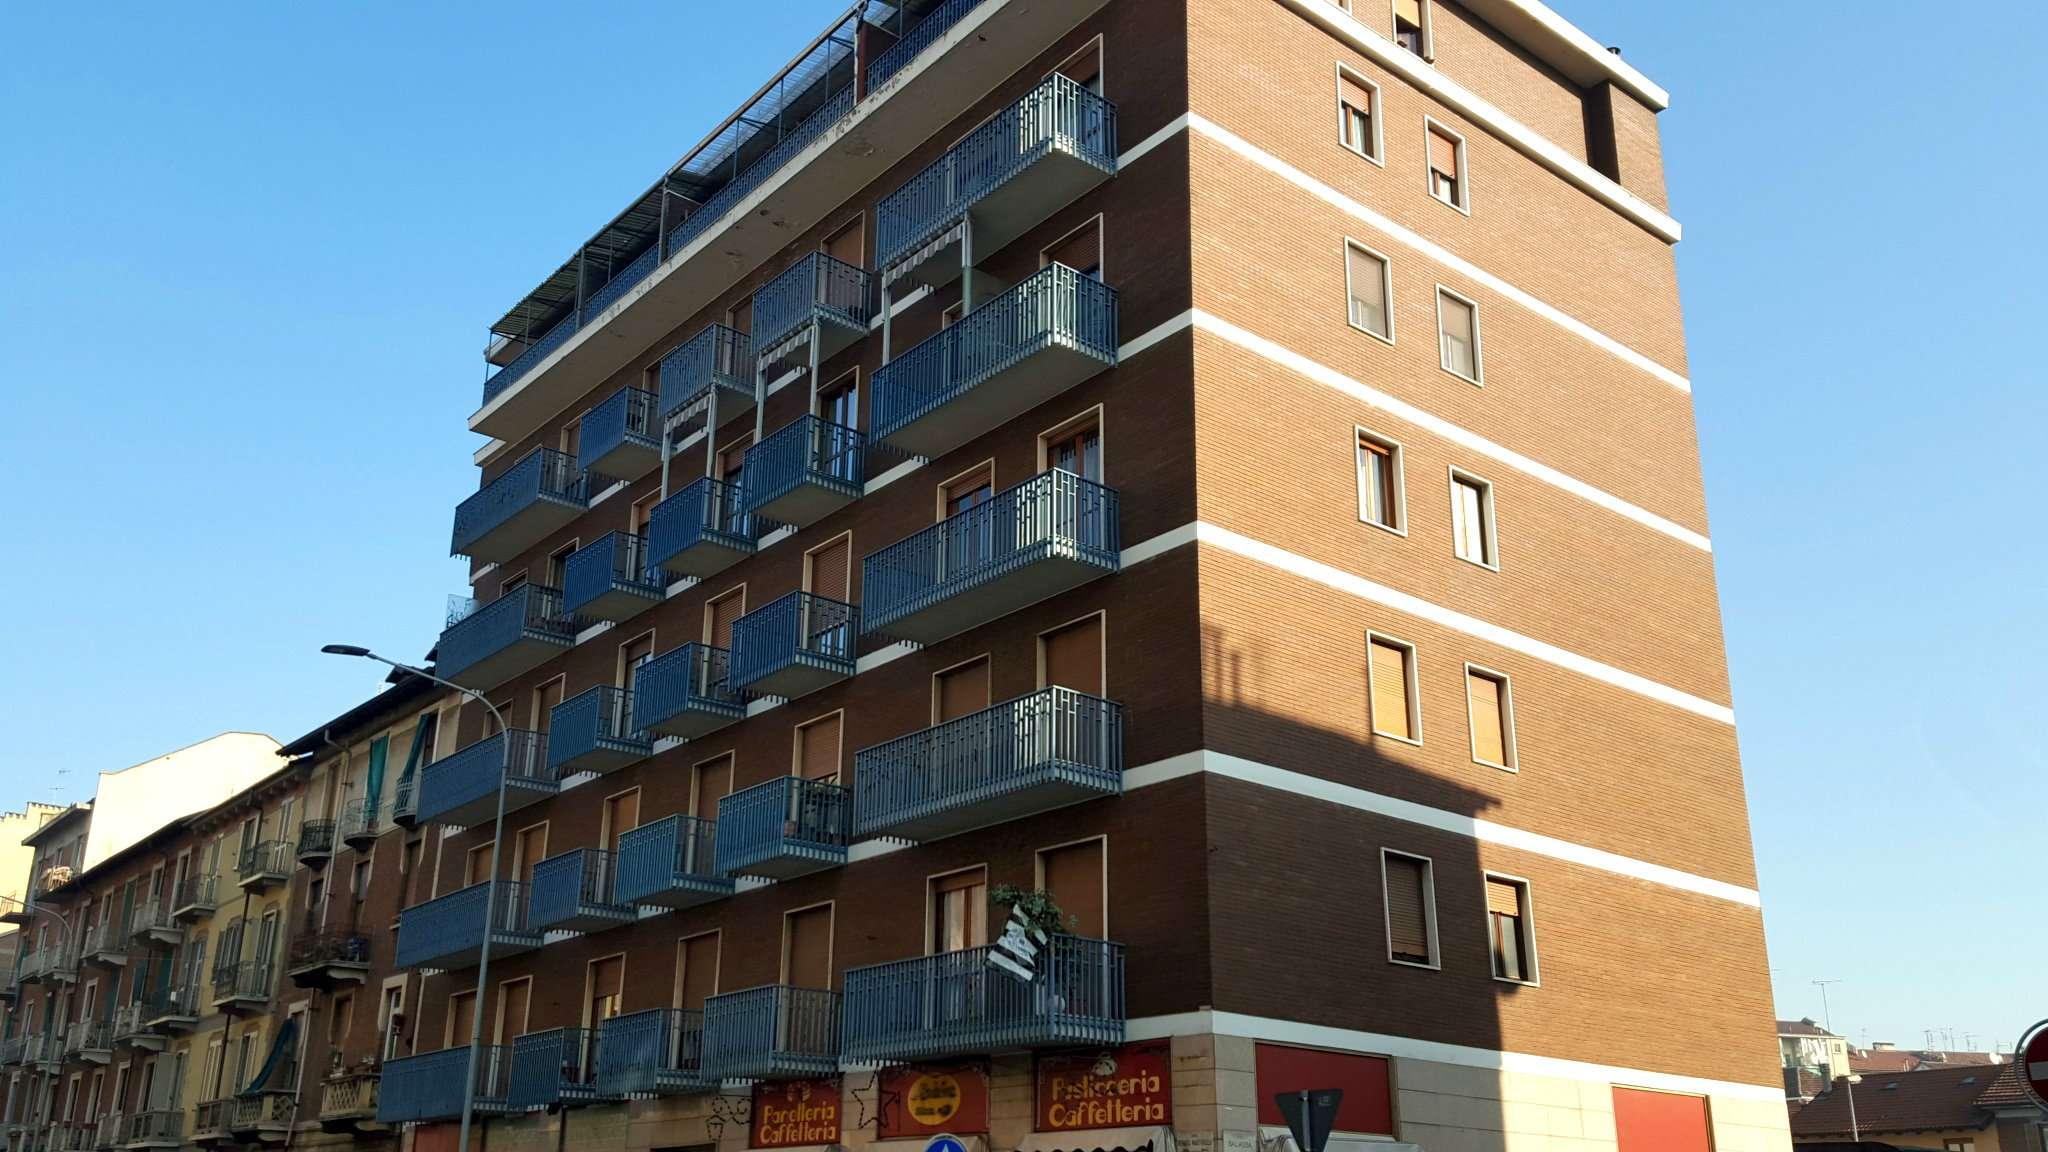 Appartamento in vendita Zona Barriera Milano, Falchera, Barca-Be... - via Renato Martorelli 60 Torino